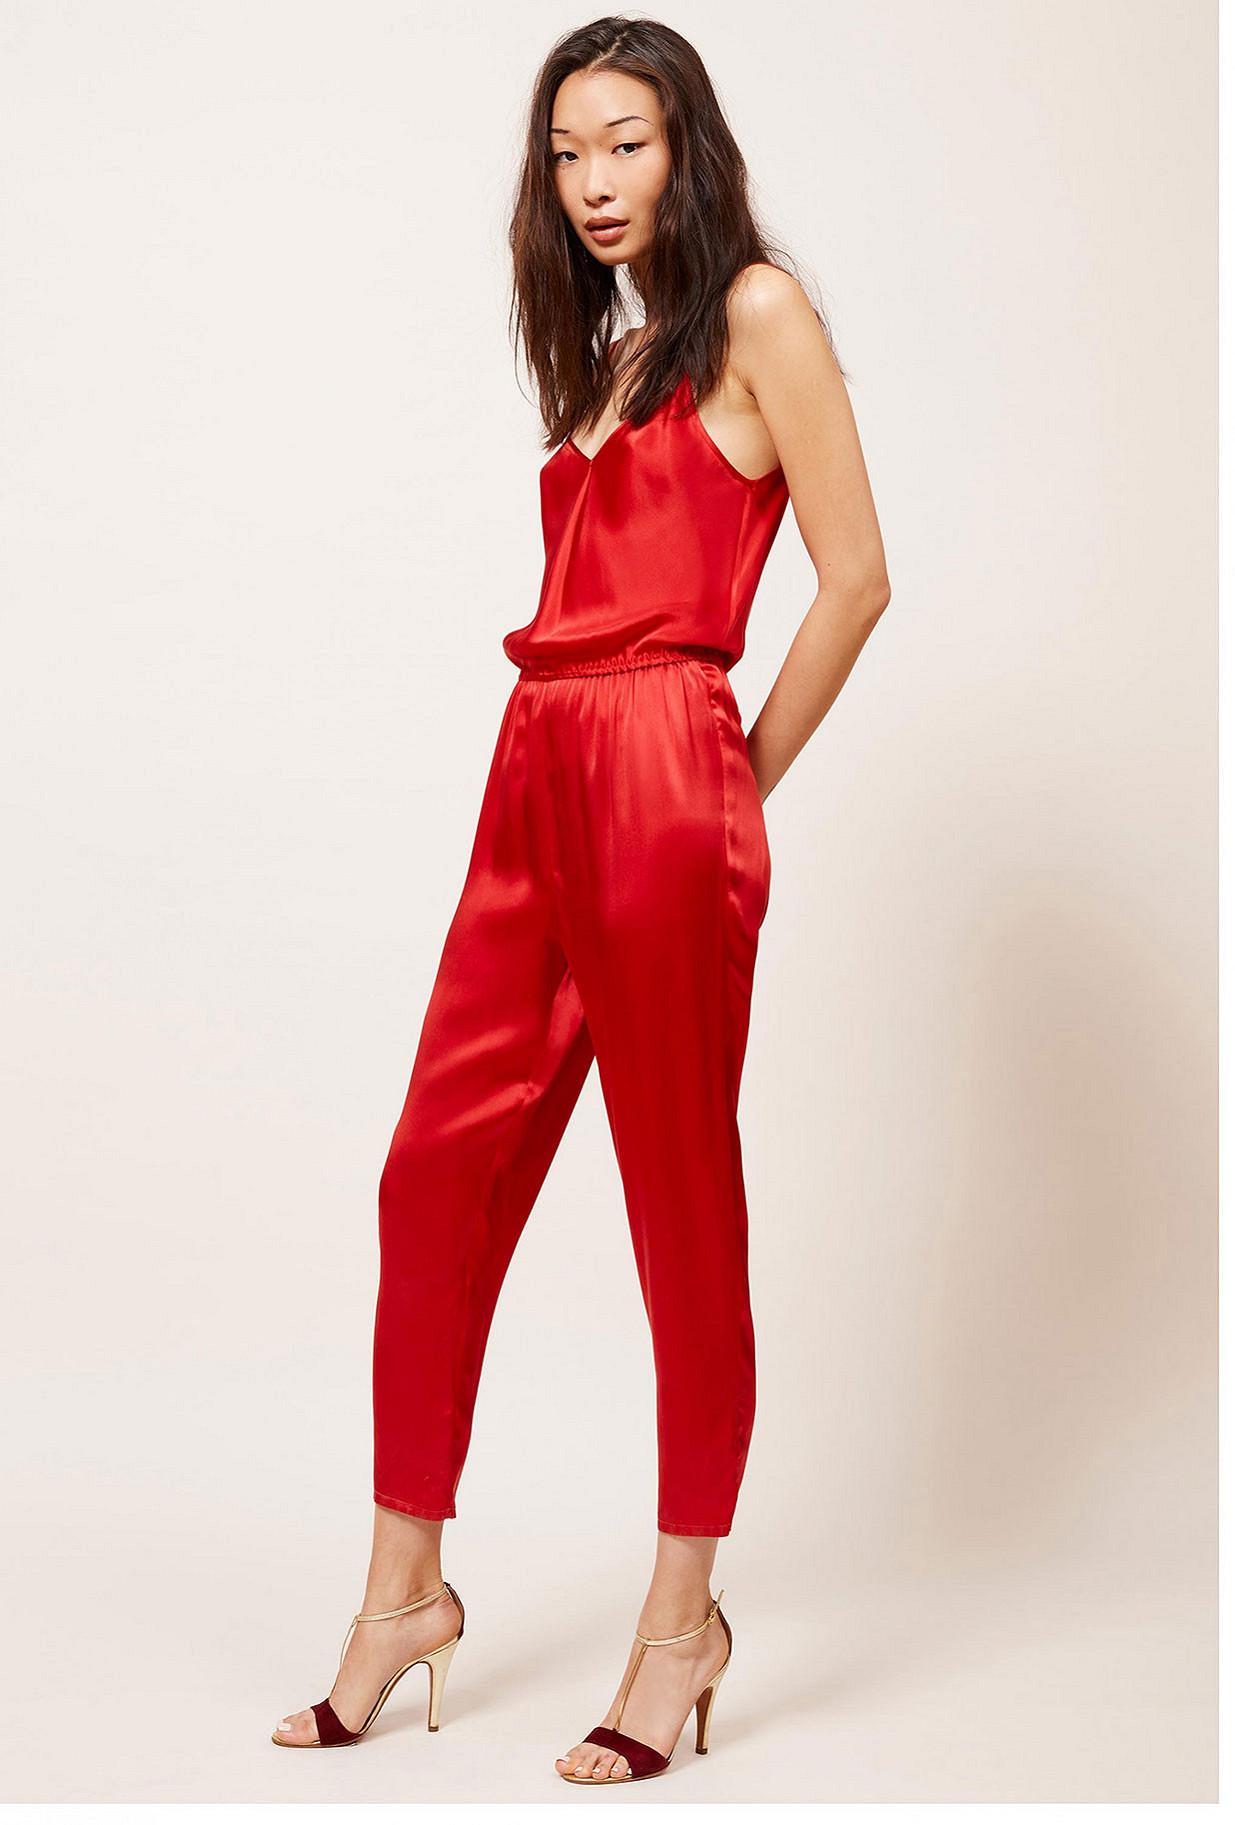 Red  Jumpsuit  Noche Mes demoiselles fashion clothes designer Paris